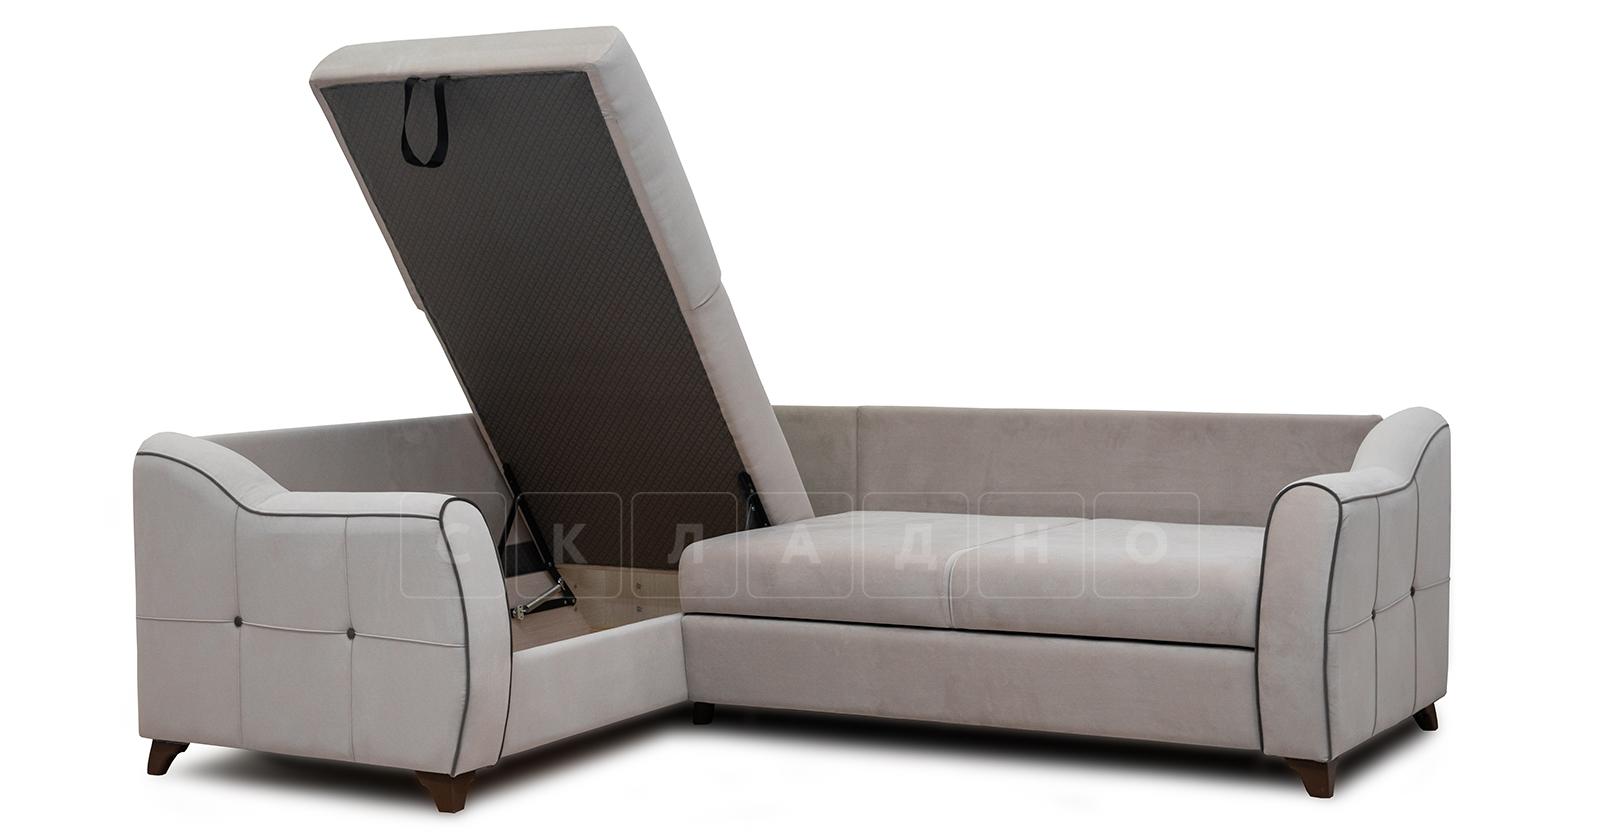 Диван-кровать угловой Флэтфорд серо-бежевый фото 6 | интернет-магазин Складно